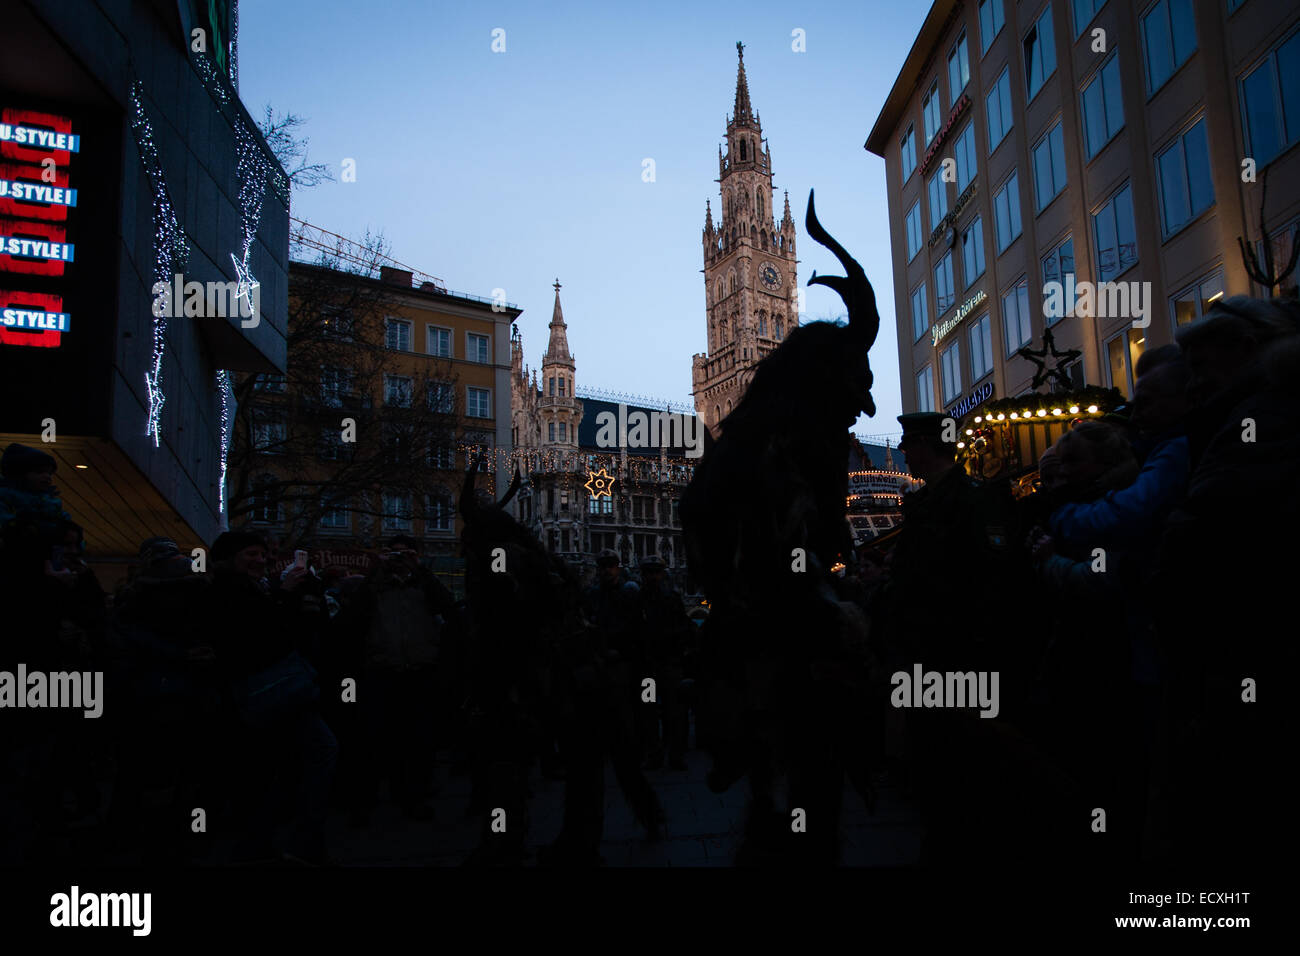 München, Bayern, Deutschland. 21. Dezember 2014. Krampus ist ein ...